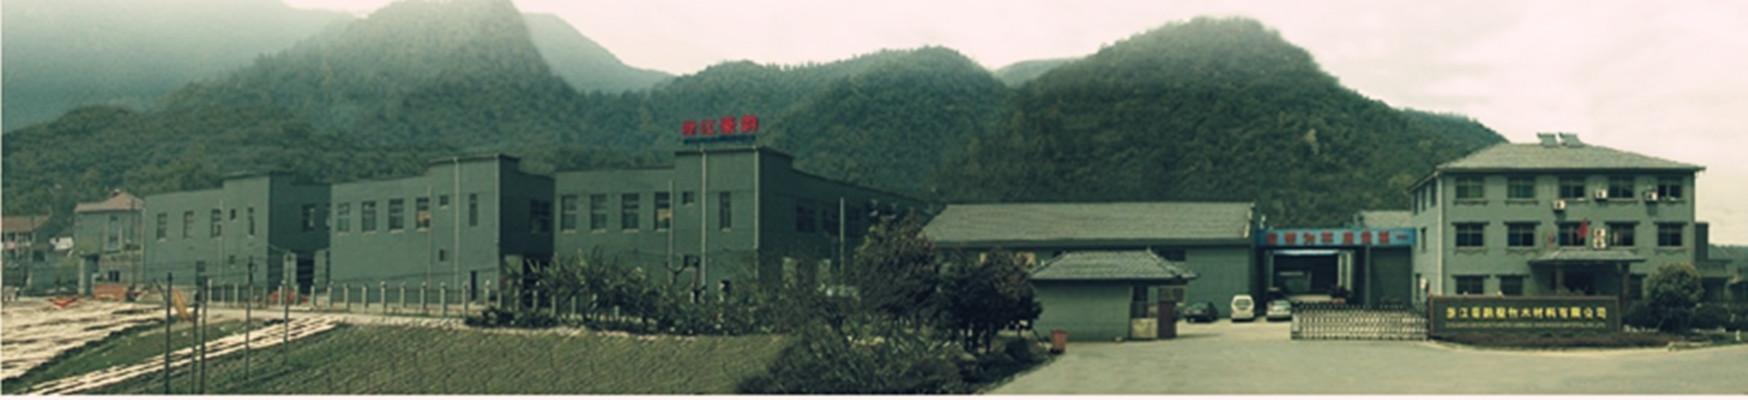 Zhejiang Hao Yun Plastic Bamboo And Wood Material